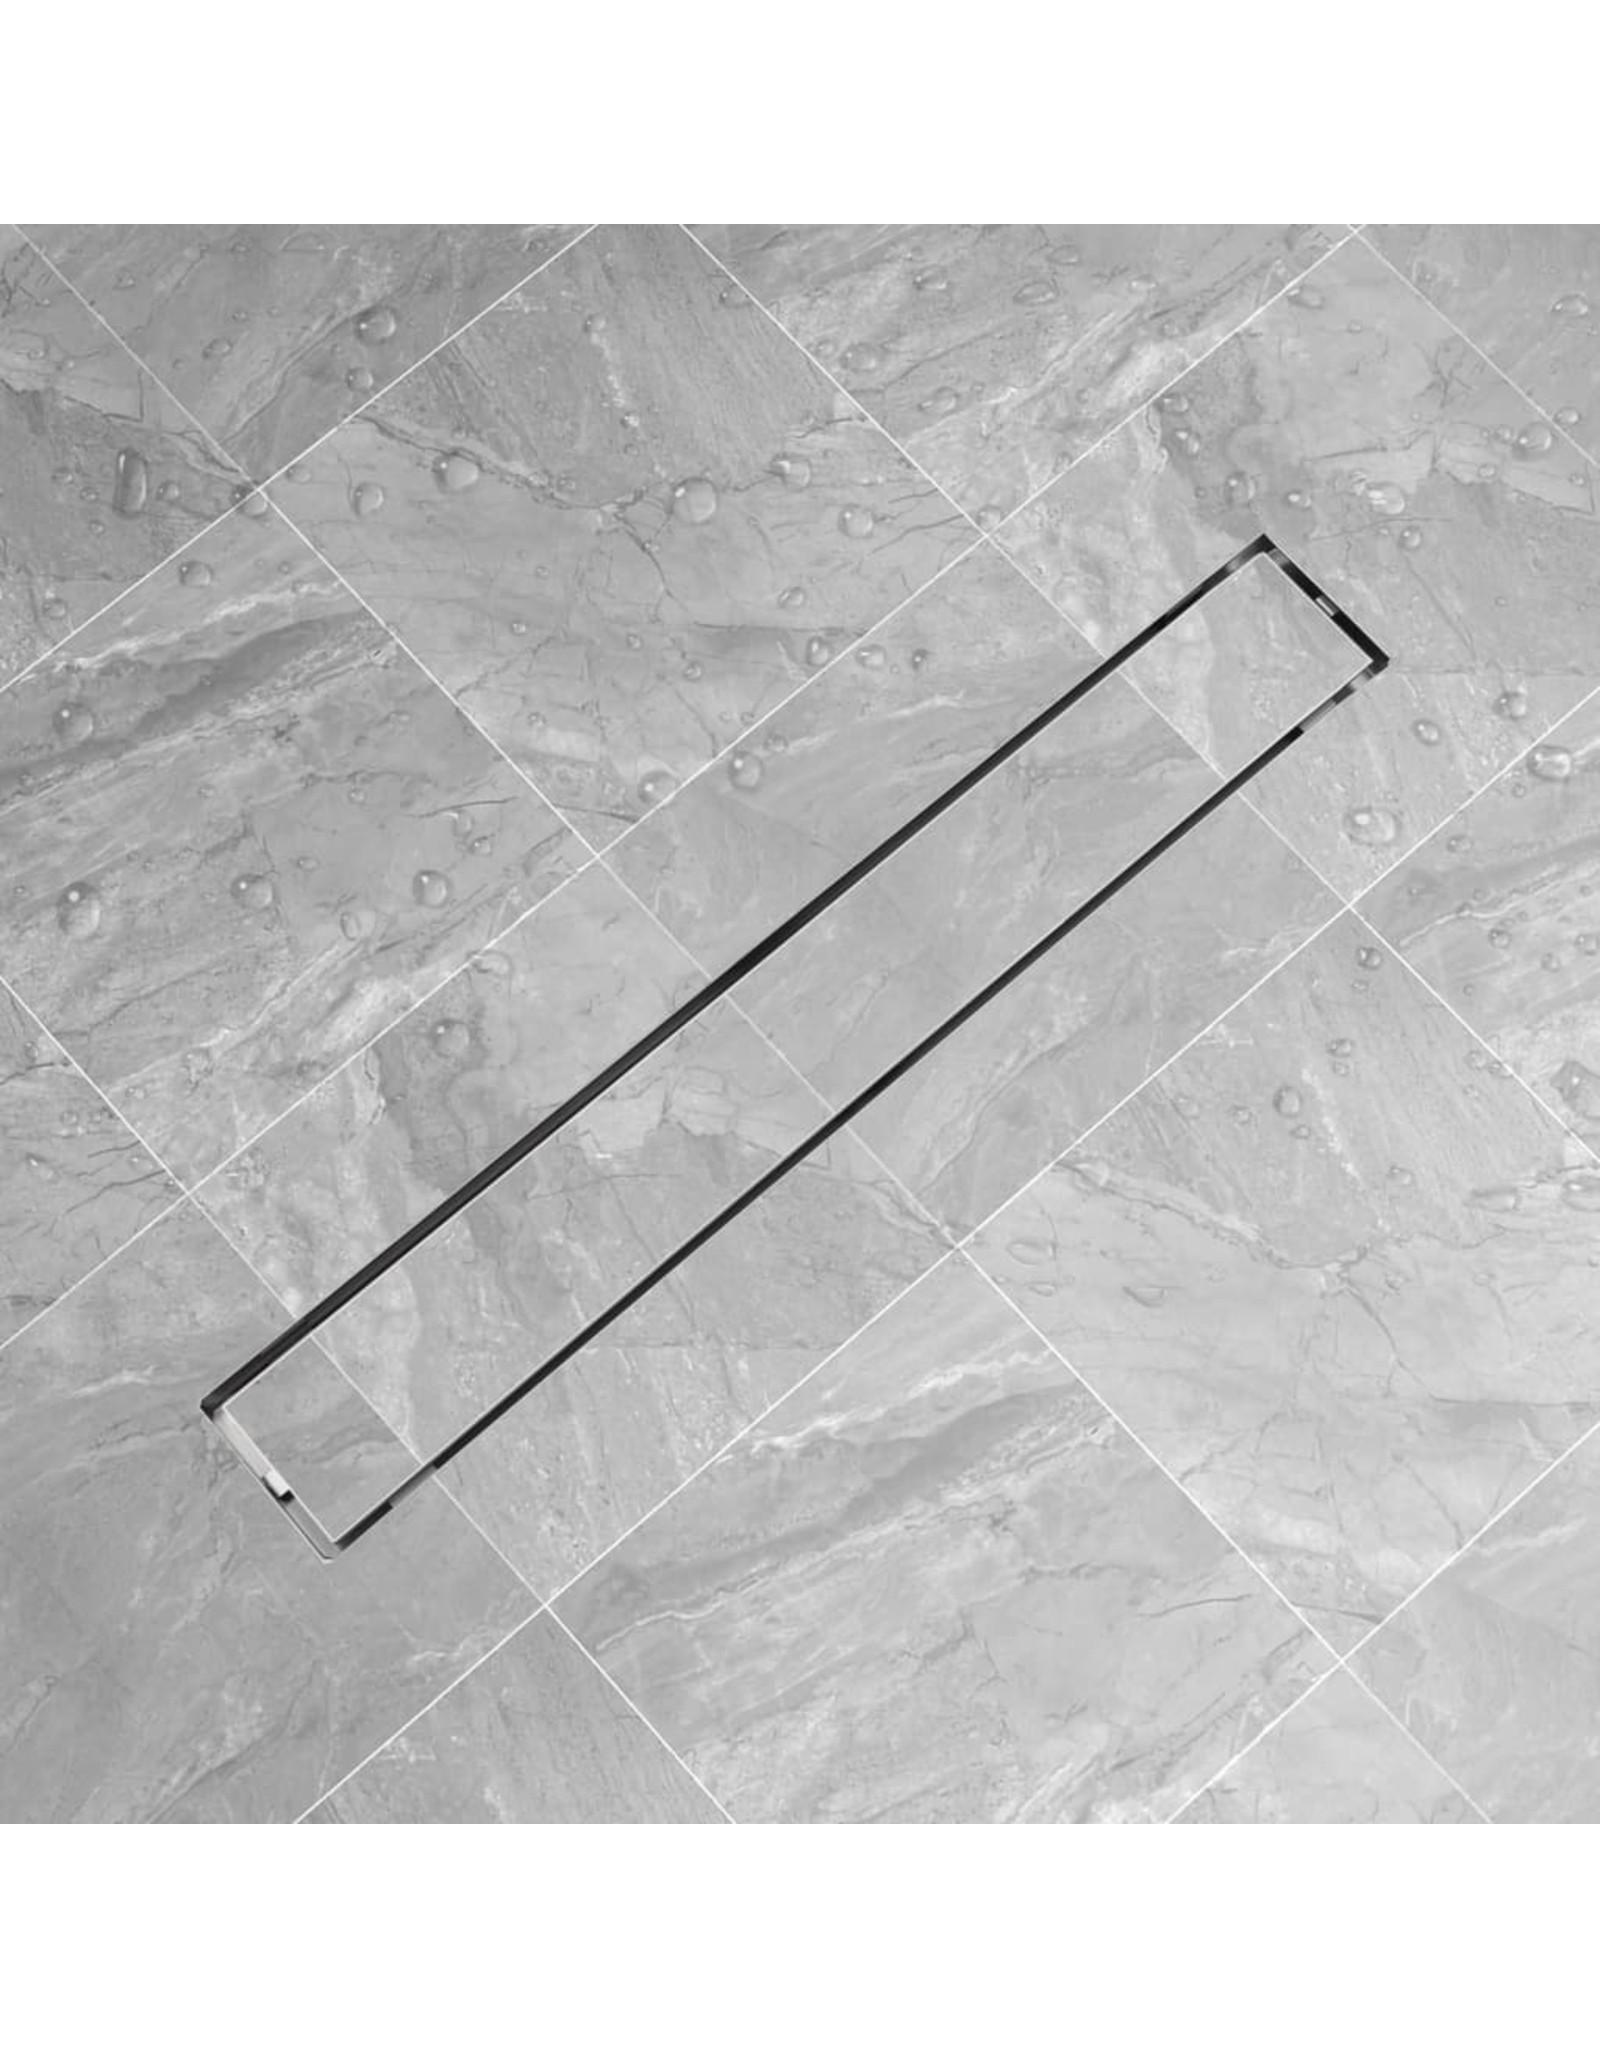 Doucheputje rechthoekig roestvrij staal 830x140 mm